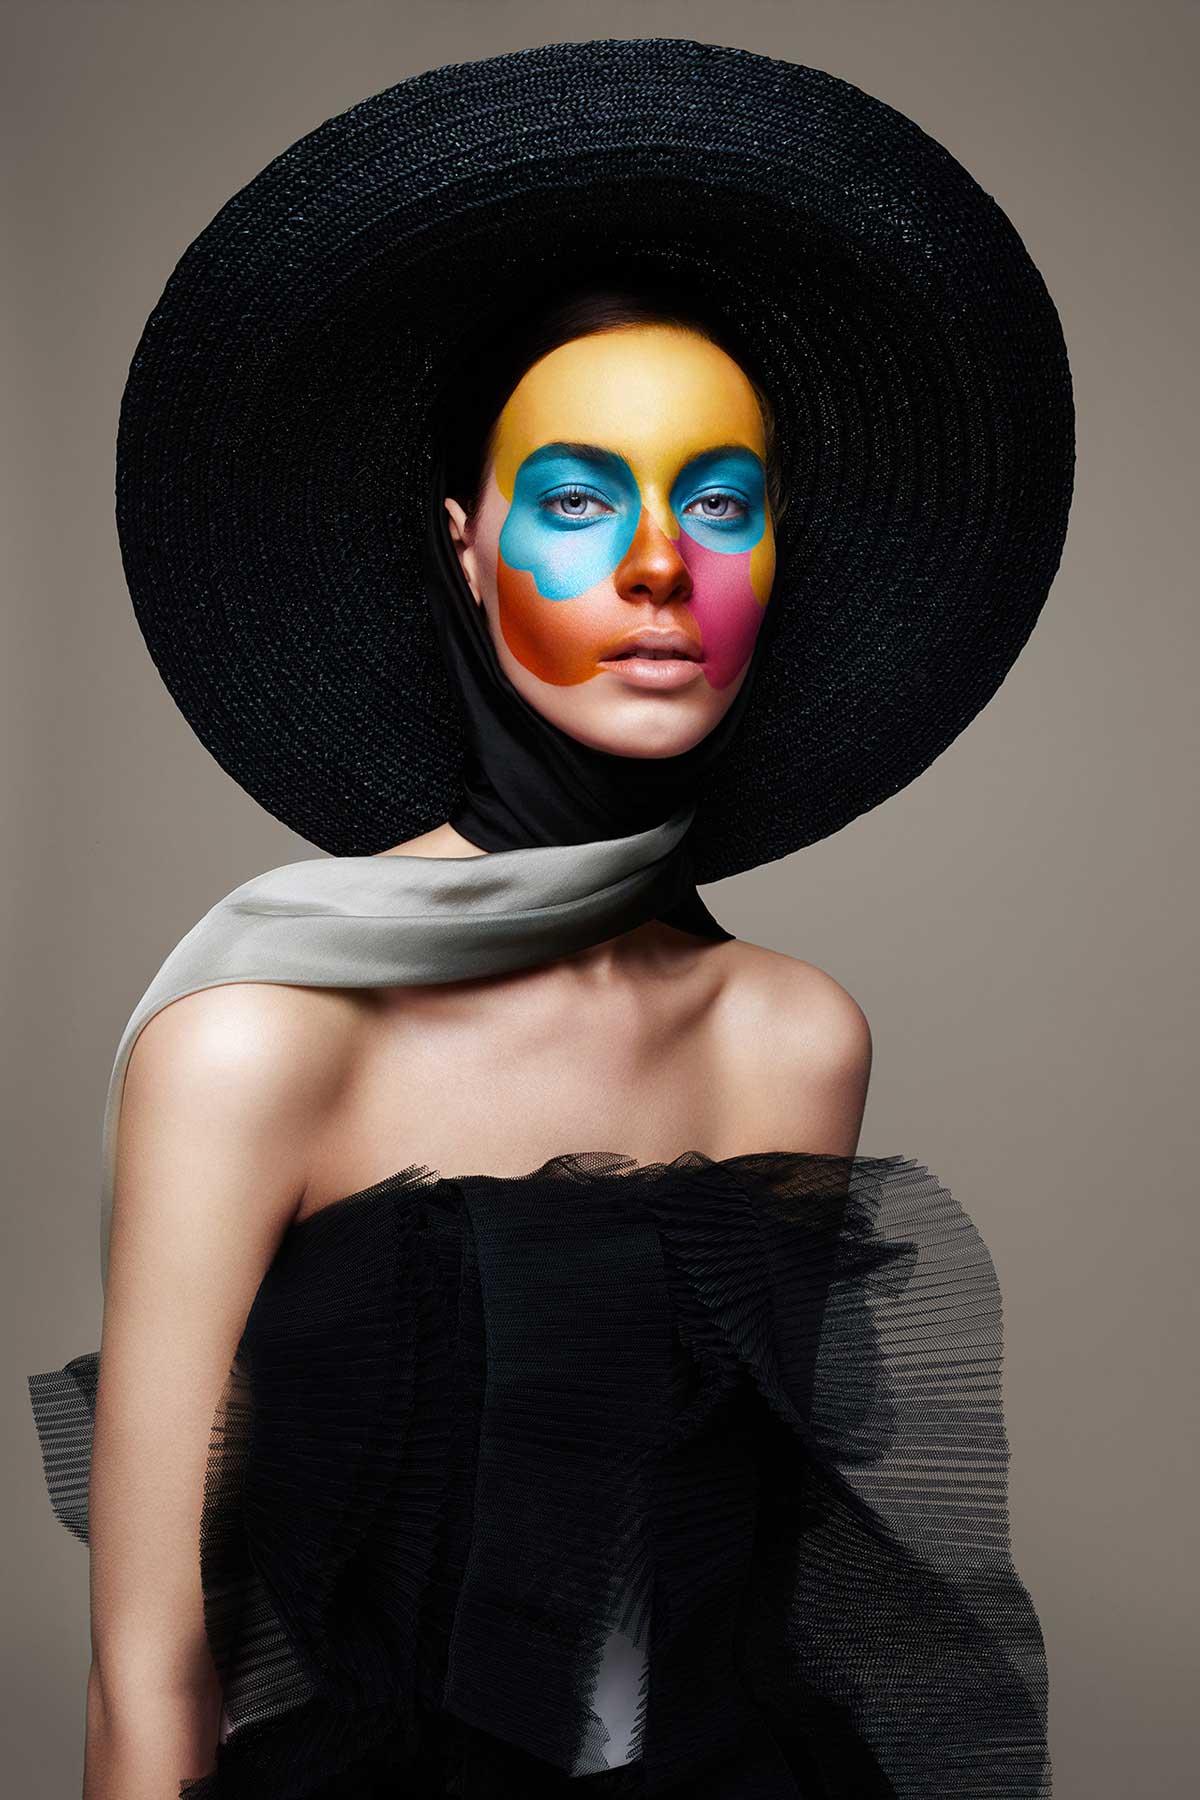 Fotografía de mujer con vestido y sombrero color negro.